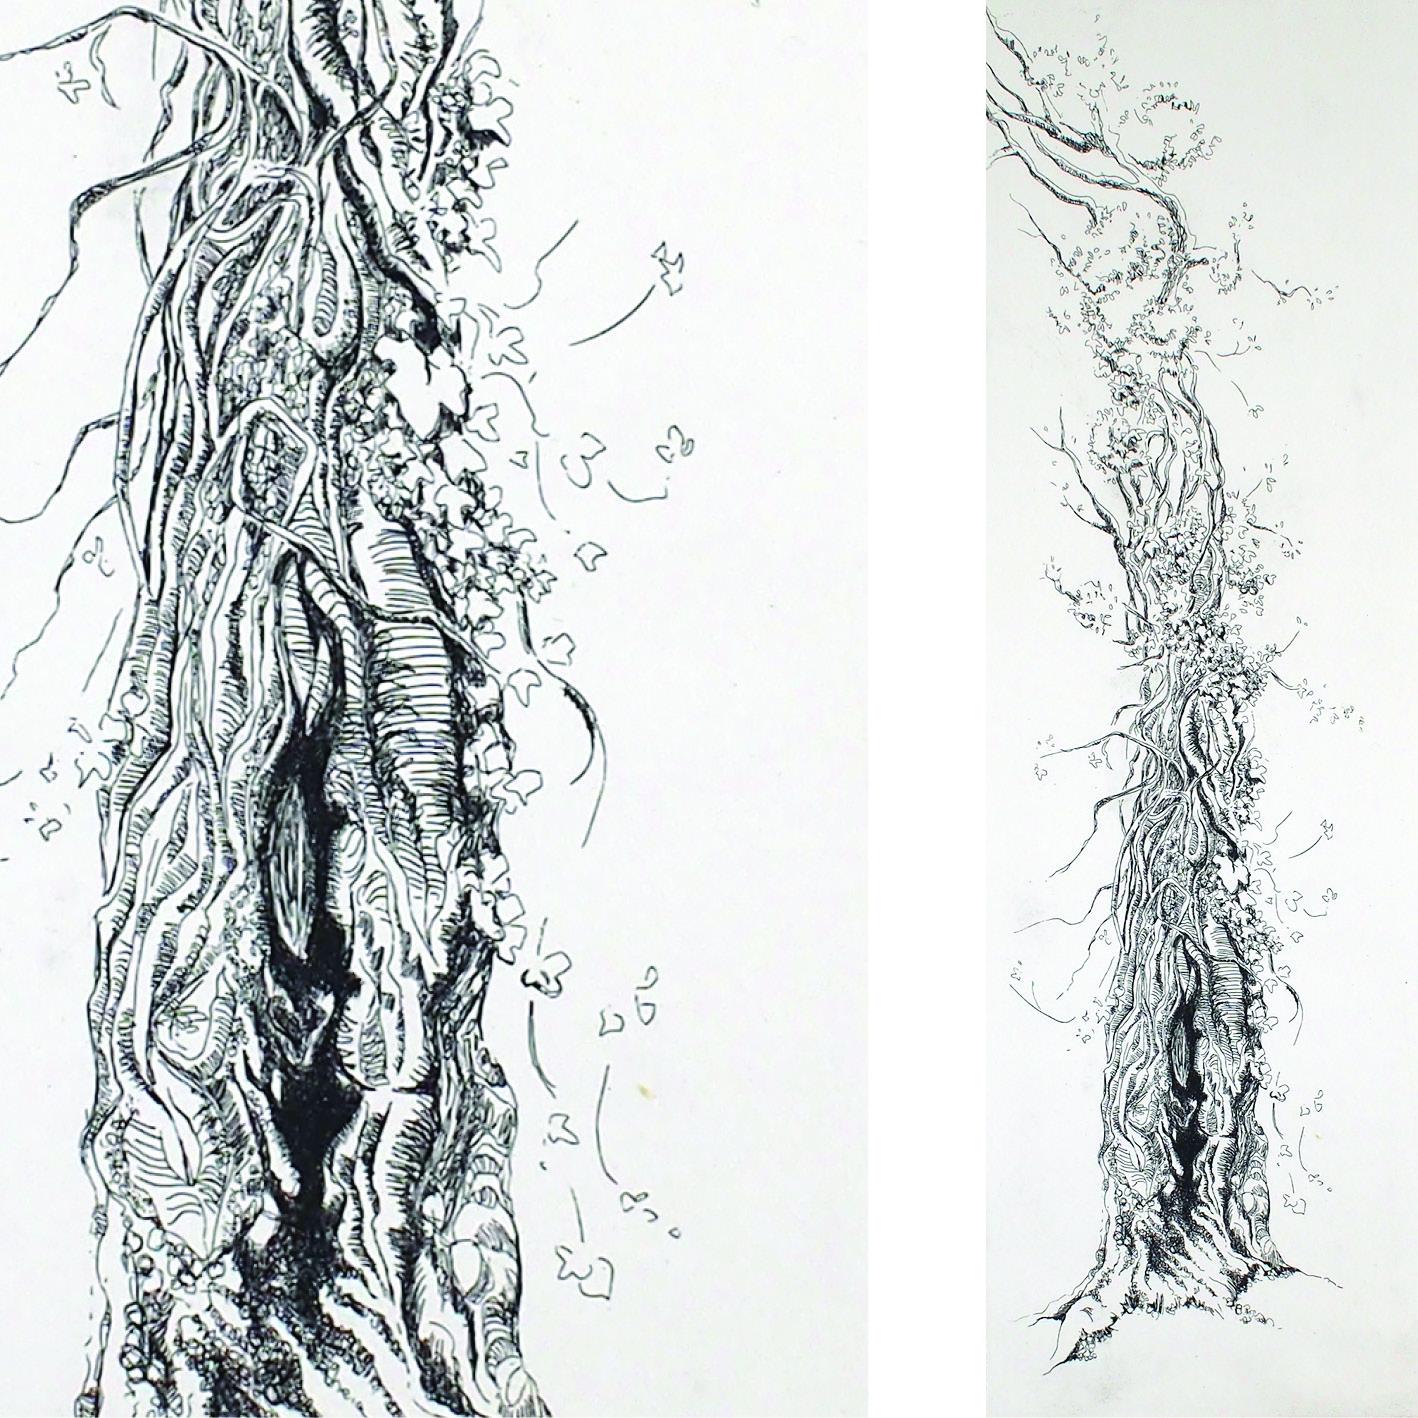 Gravure eau forte d'arbre, tronc de pin creux colonisé par le lierre